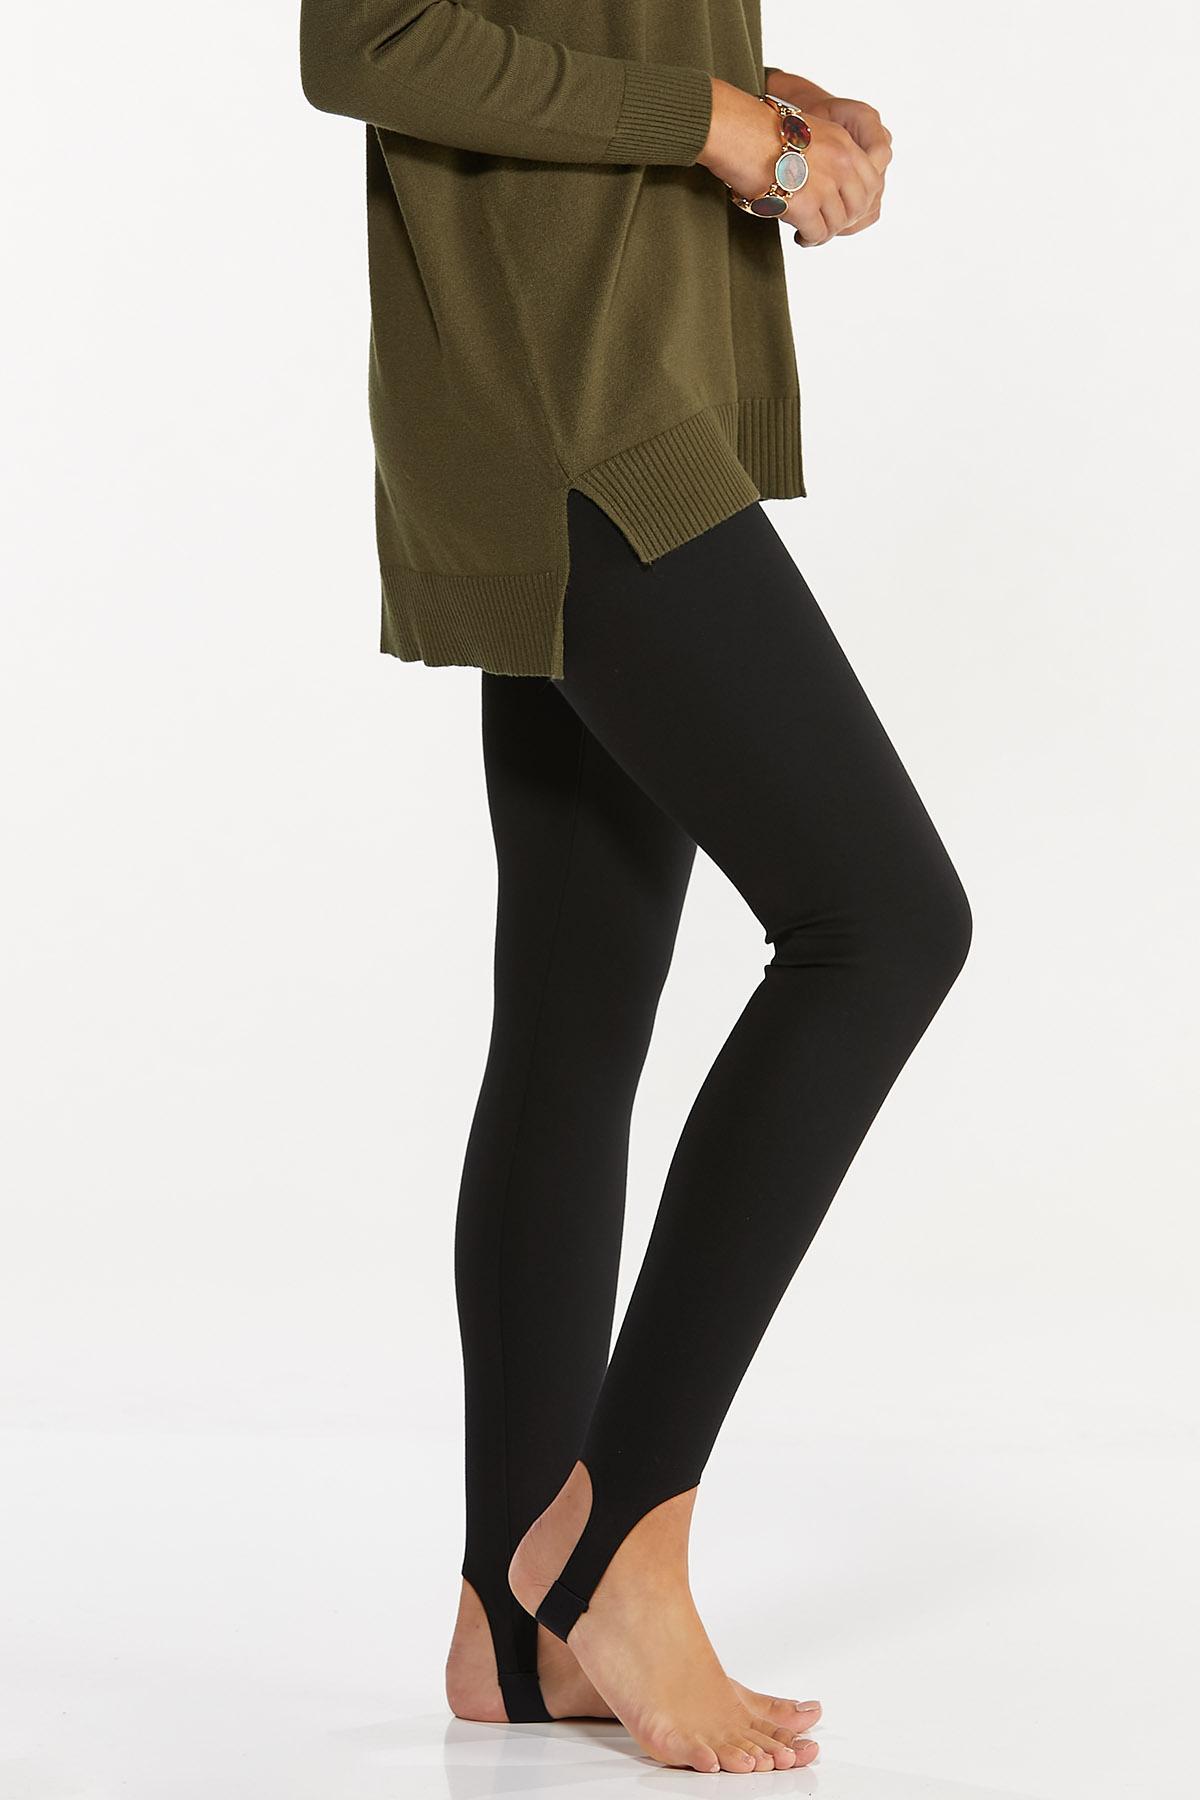 Stirrup Leggings (Item #44682473)